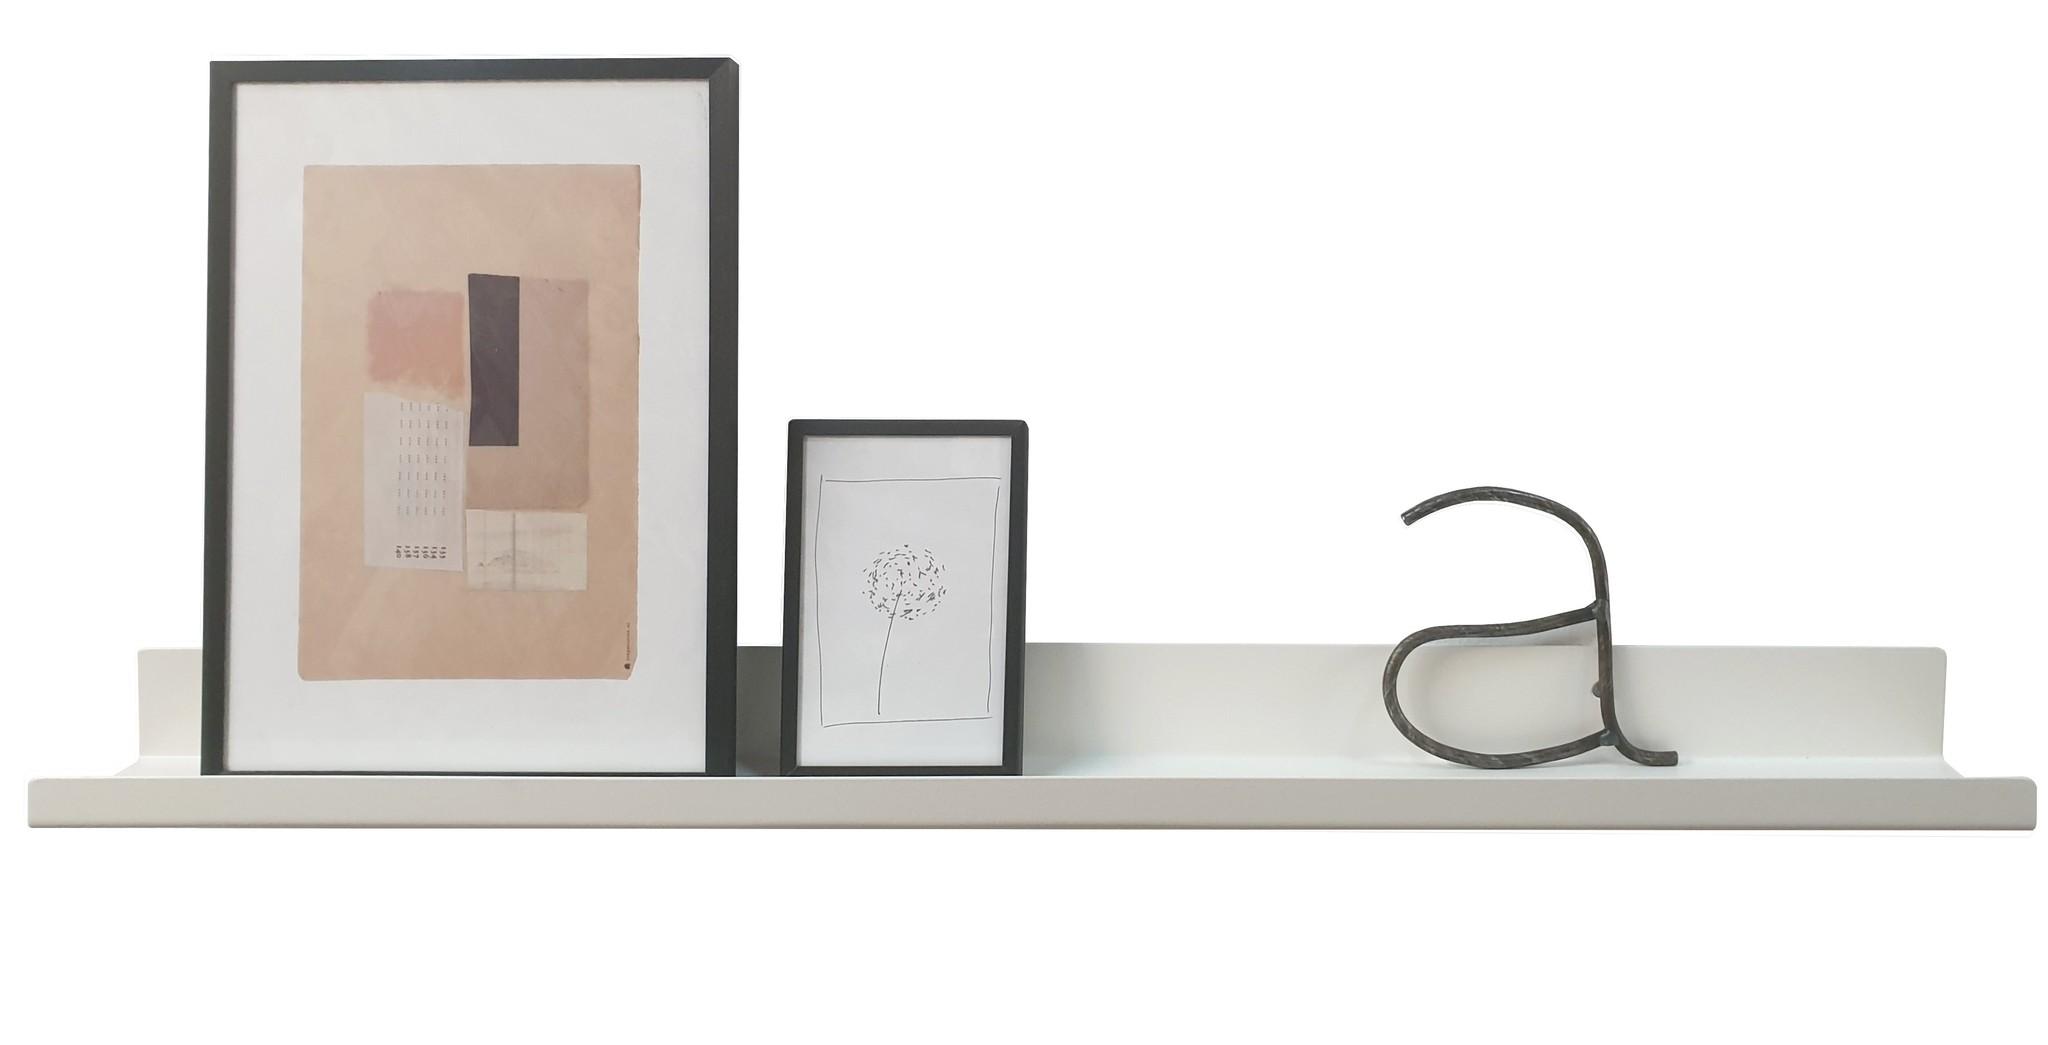 Wandplank Met Haakjes.Stoer Metaal Witte Wandplank Of Planchet Metalen Wandplank Wit